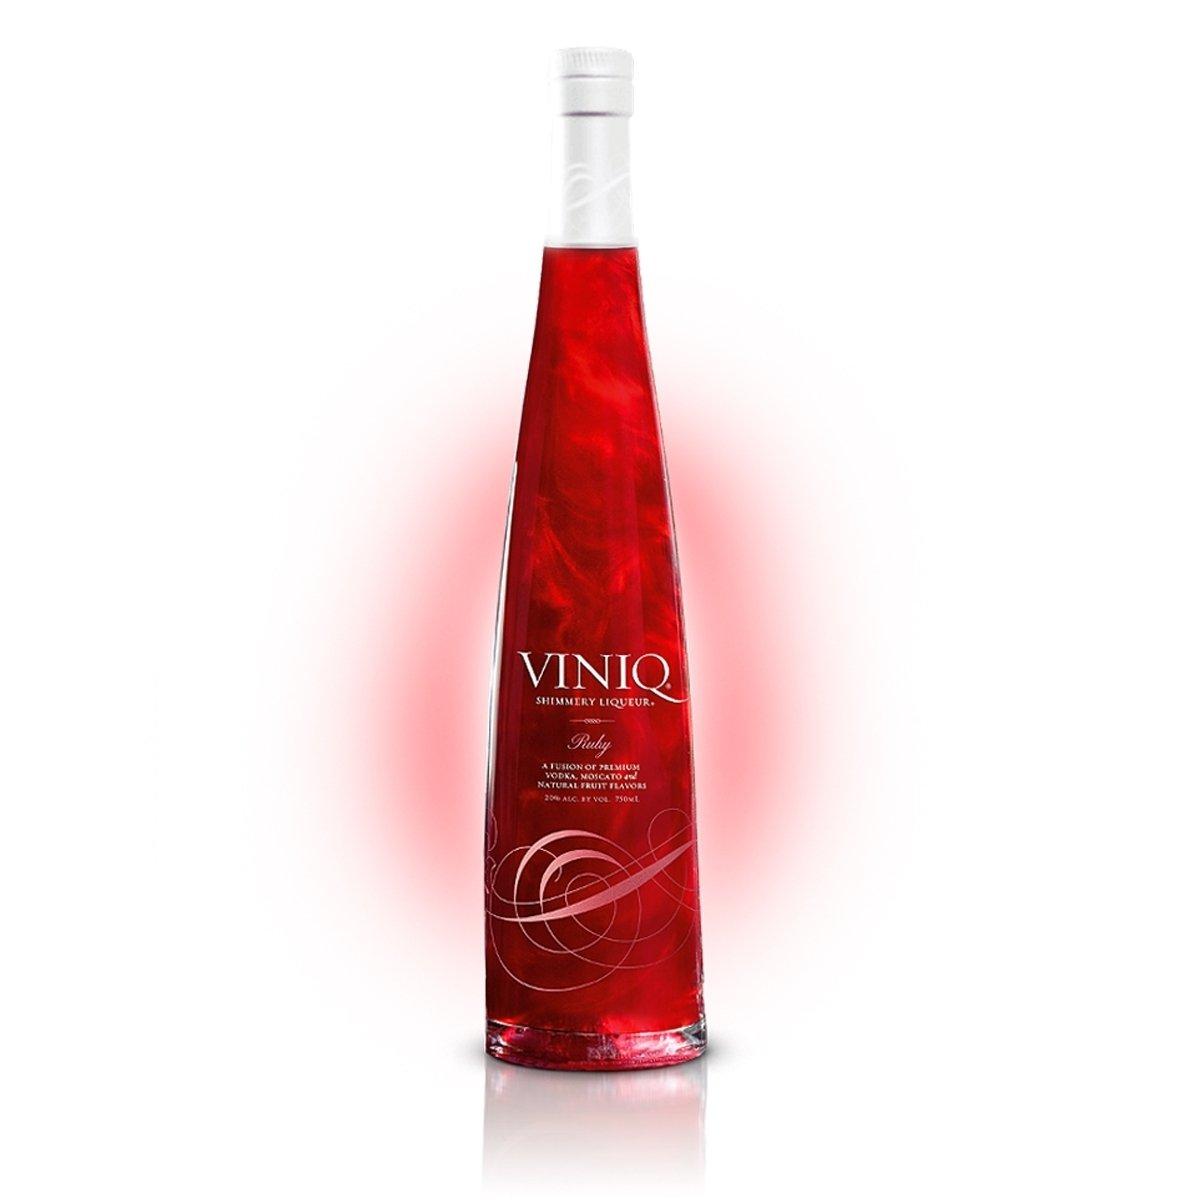 紅色銀河酒(Ruby)